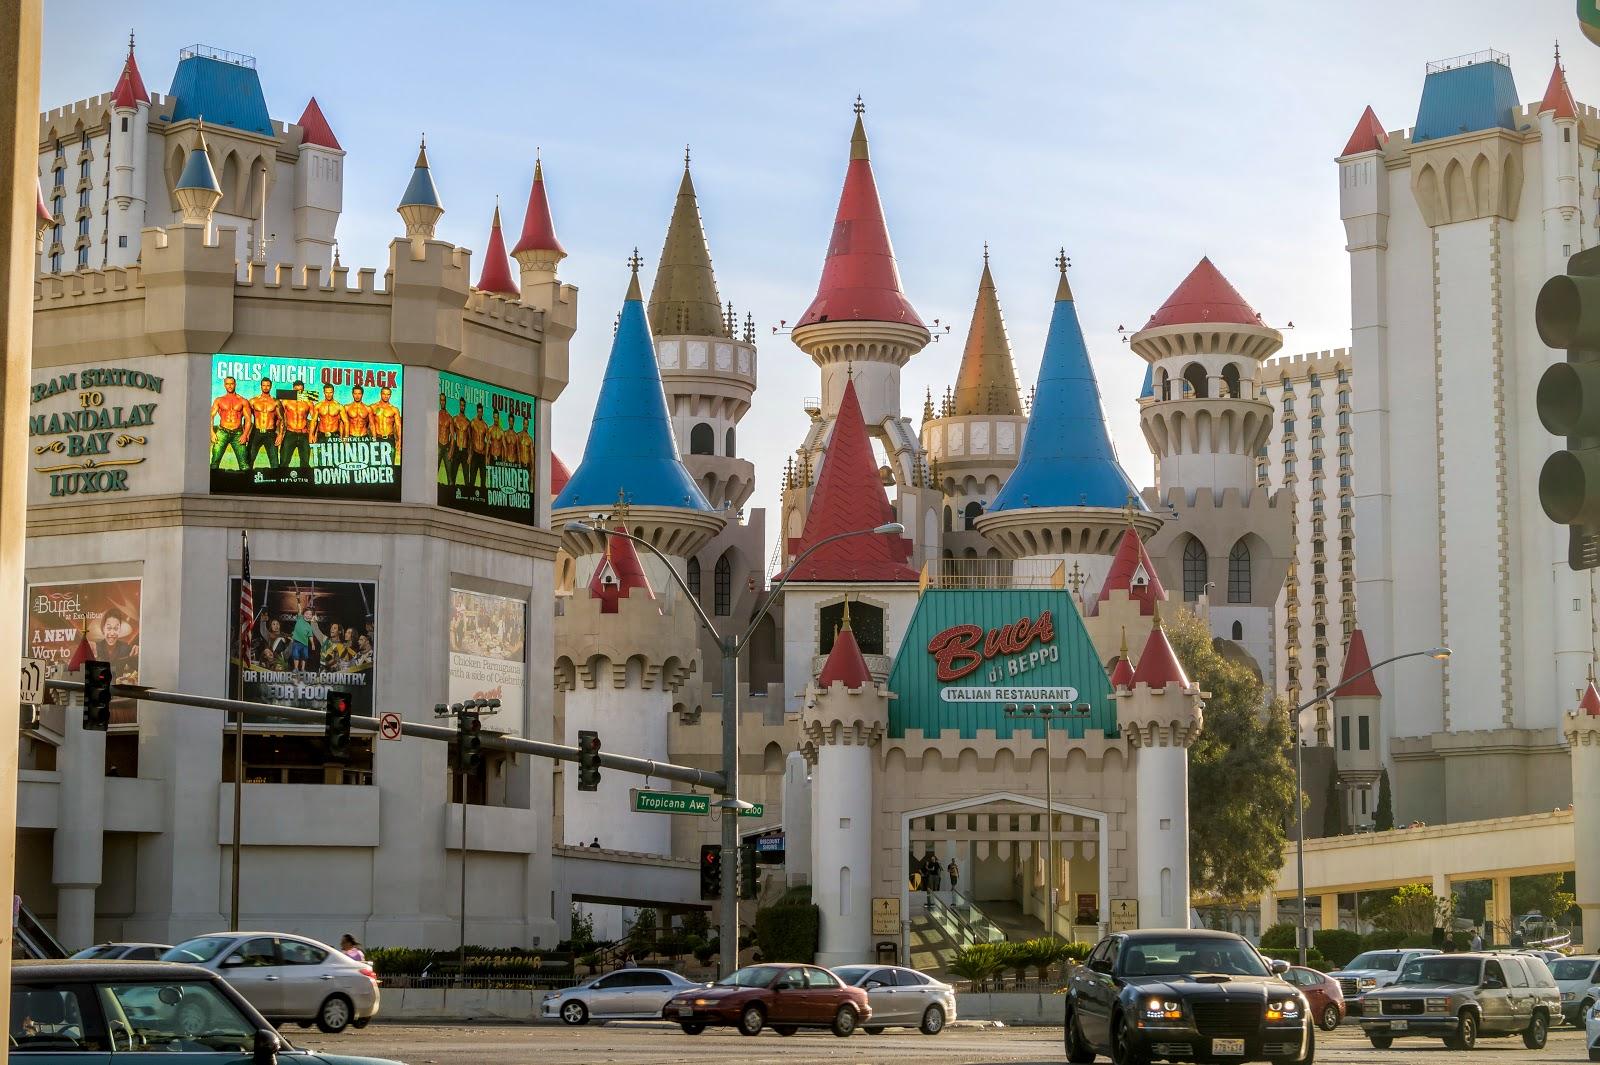 """Отель """"Экскалибур"""" представлен в виде волшебного замка."""